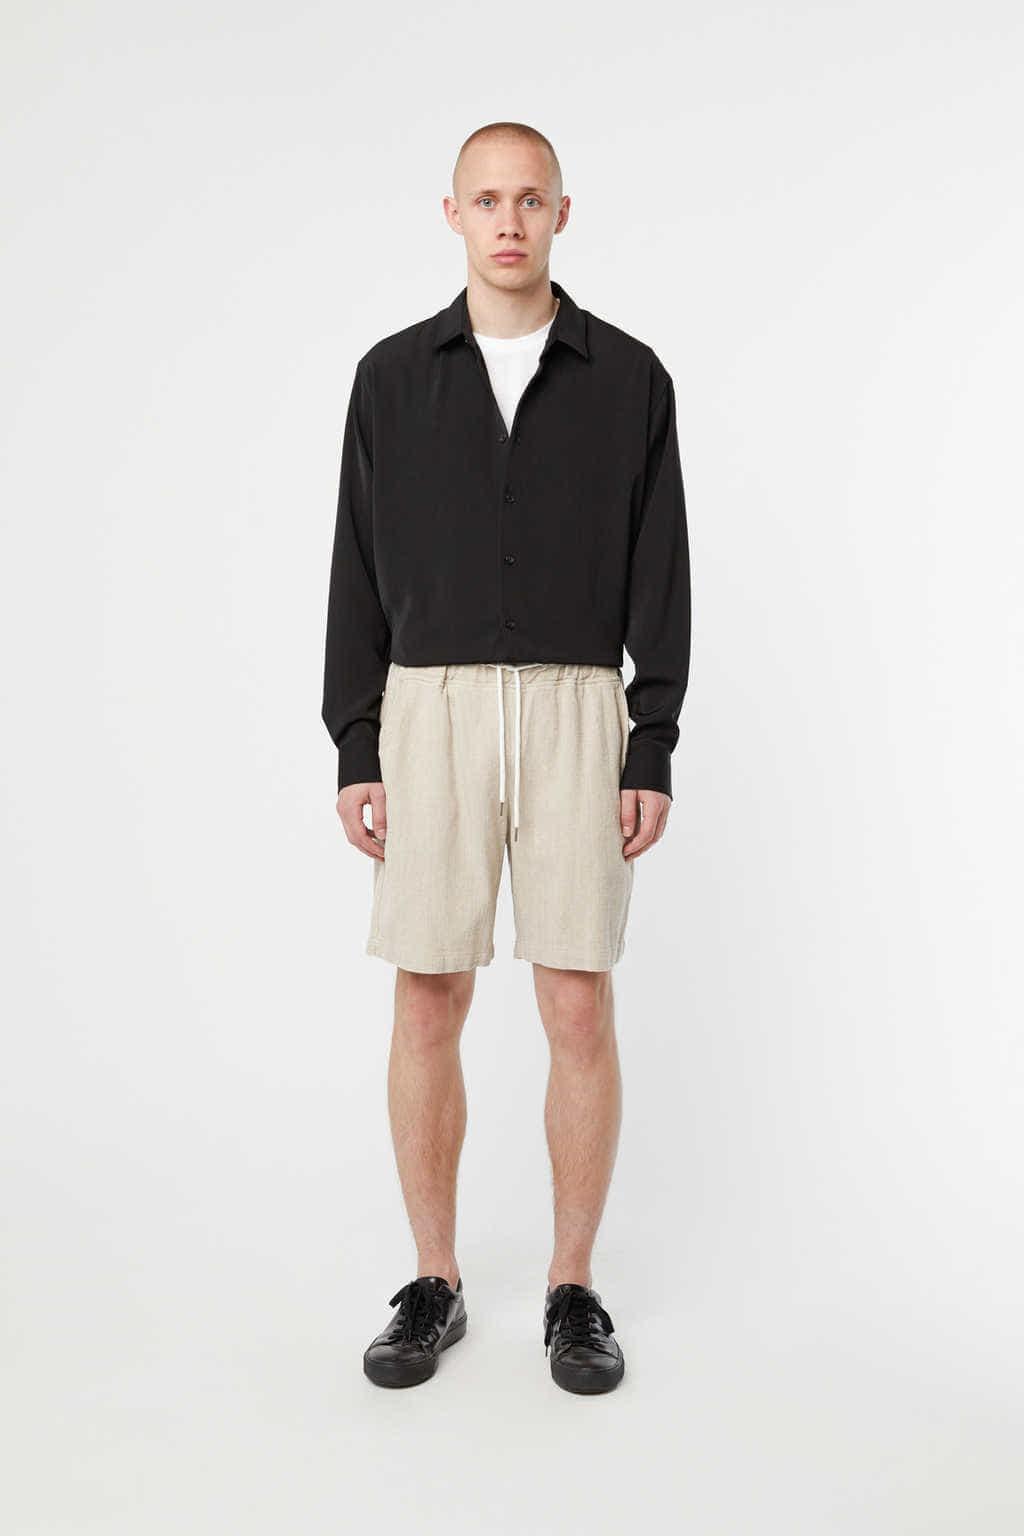 Shirt K002 Black 3